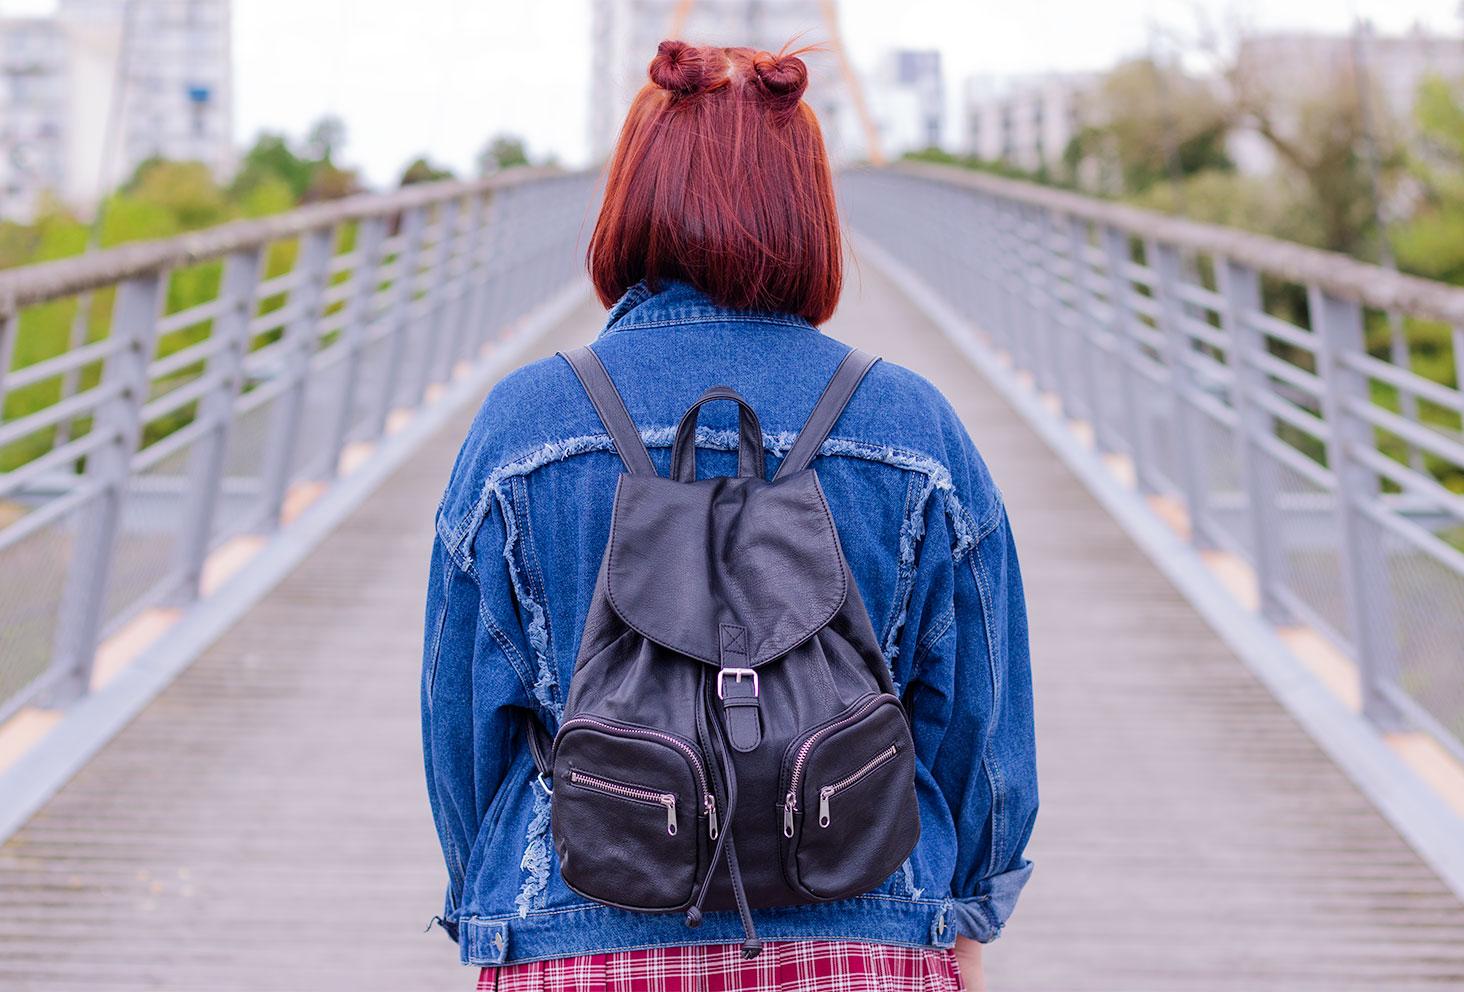 De dos au milieu d'un pont, en veste en jean, un sac à dos noir sur le dos et des petits chignons sur le haut de la tête